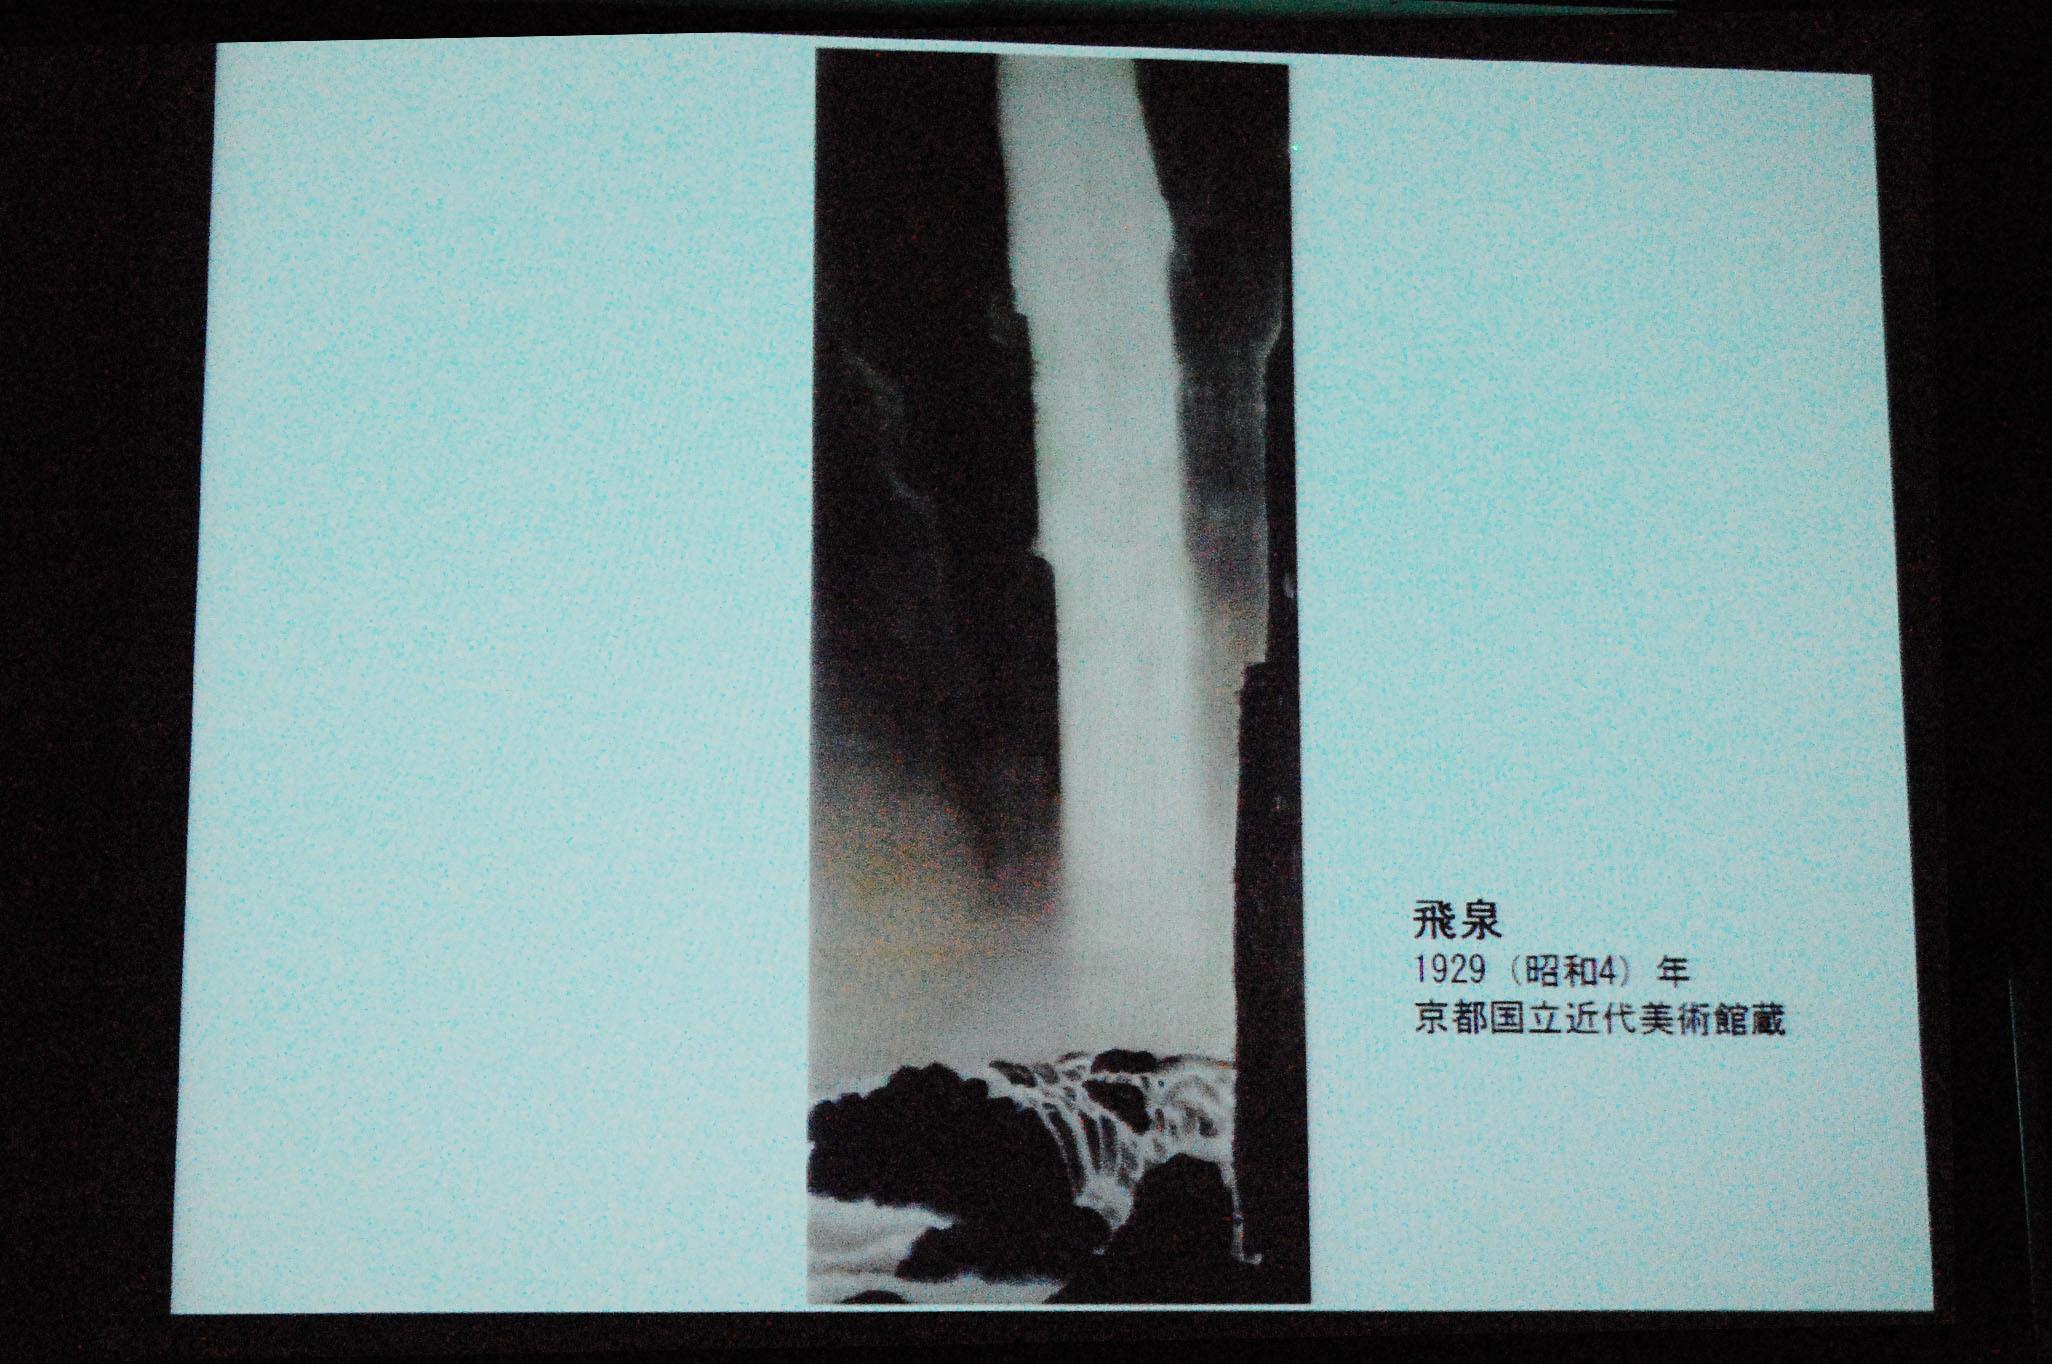 記者発表会スライドより、《飛泉》(1929年、京都国立近代美術館蔵)